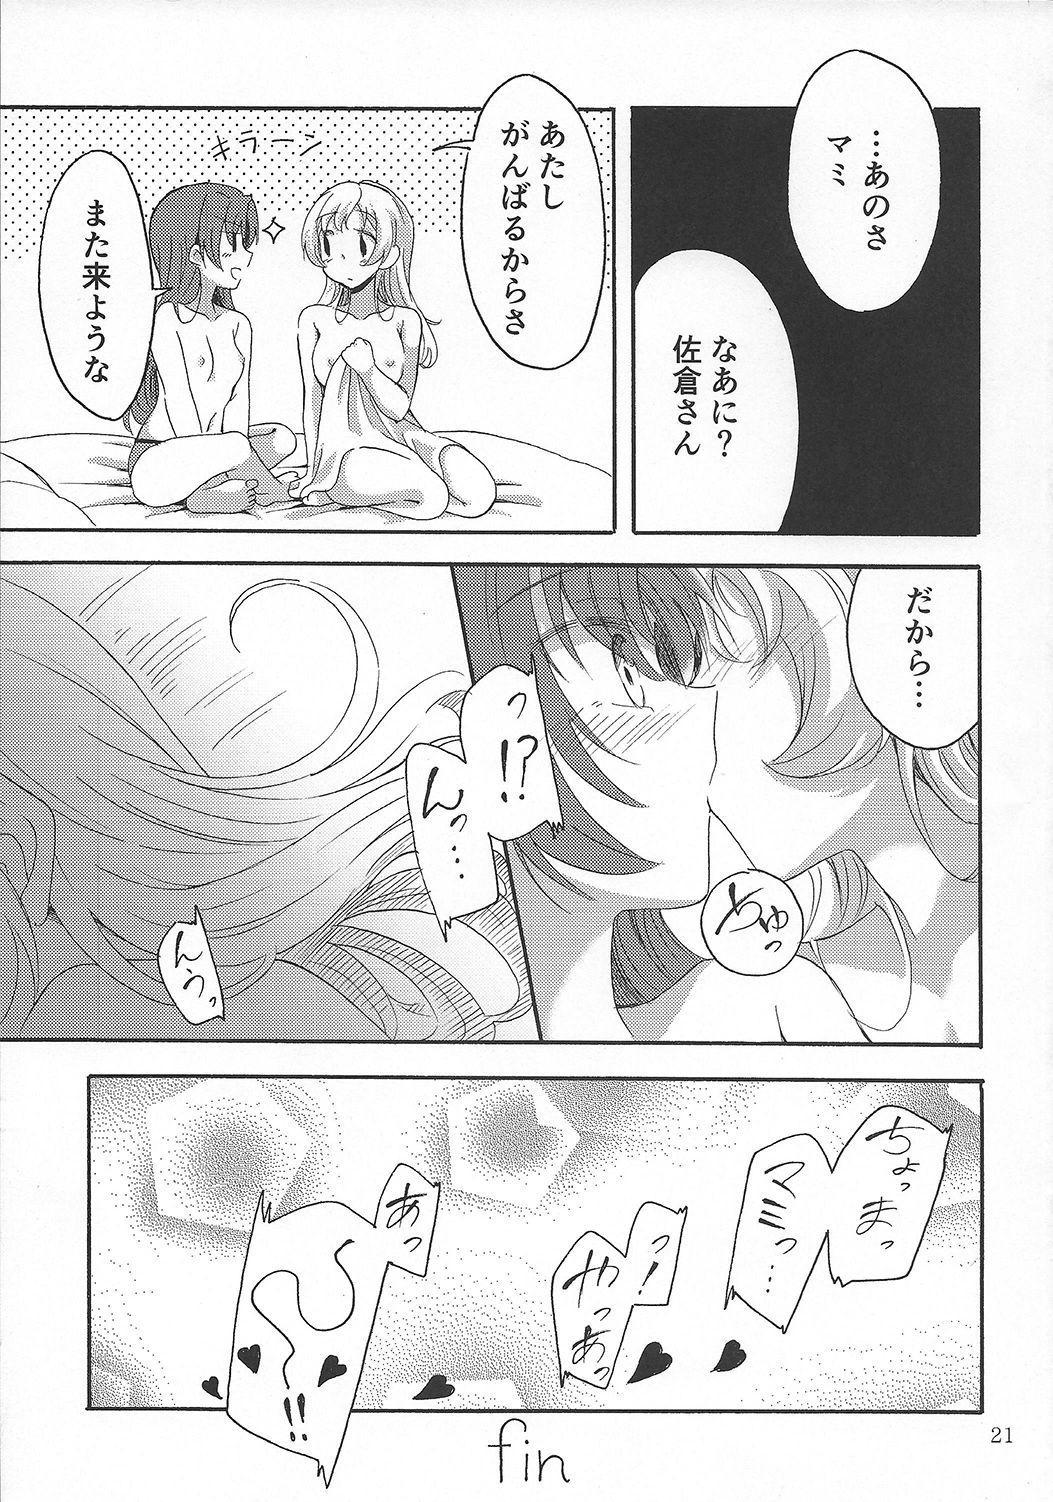 MamiAn! Seikatsu! 4 19